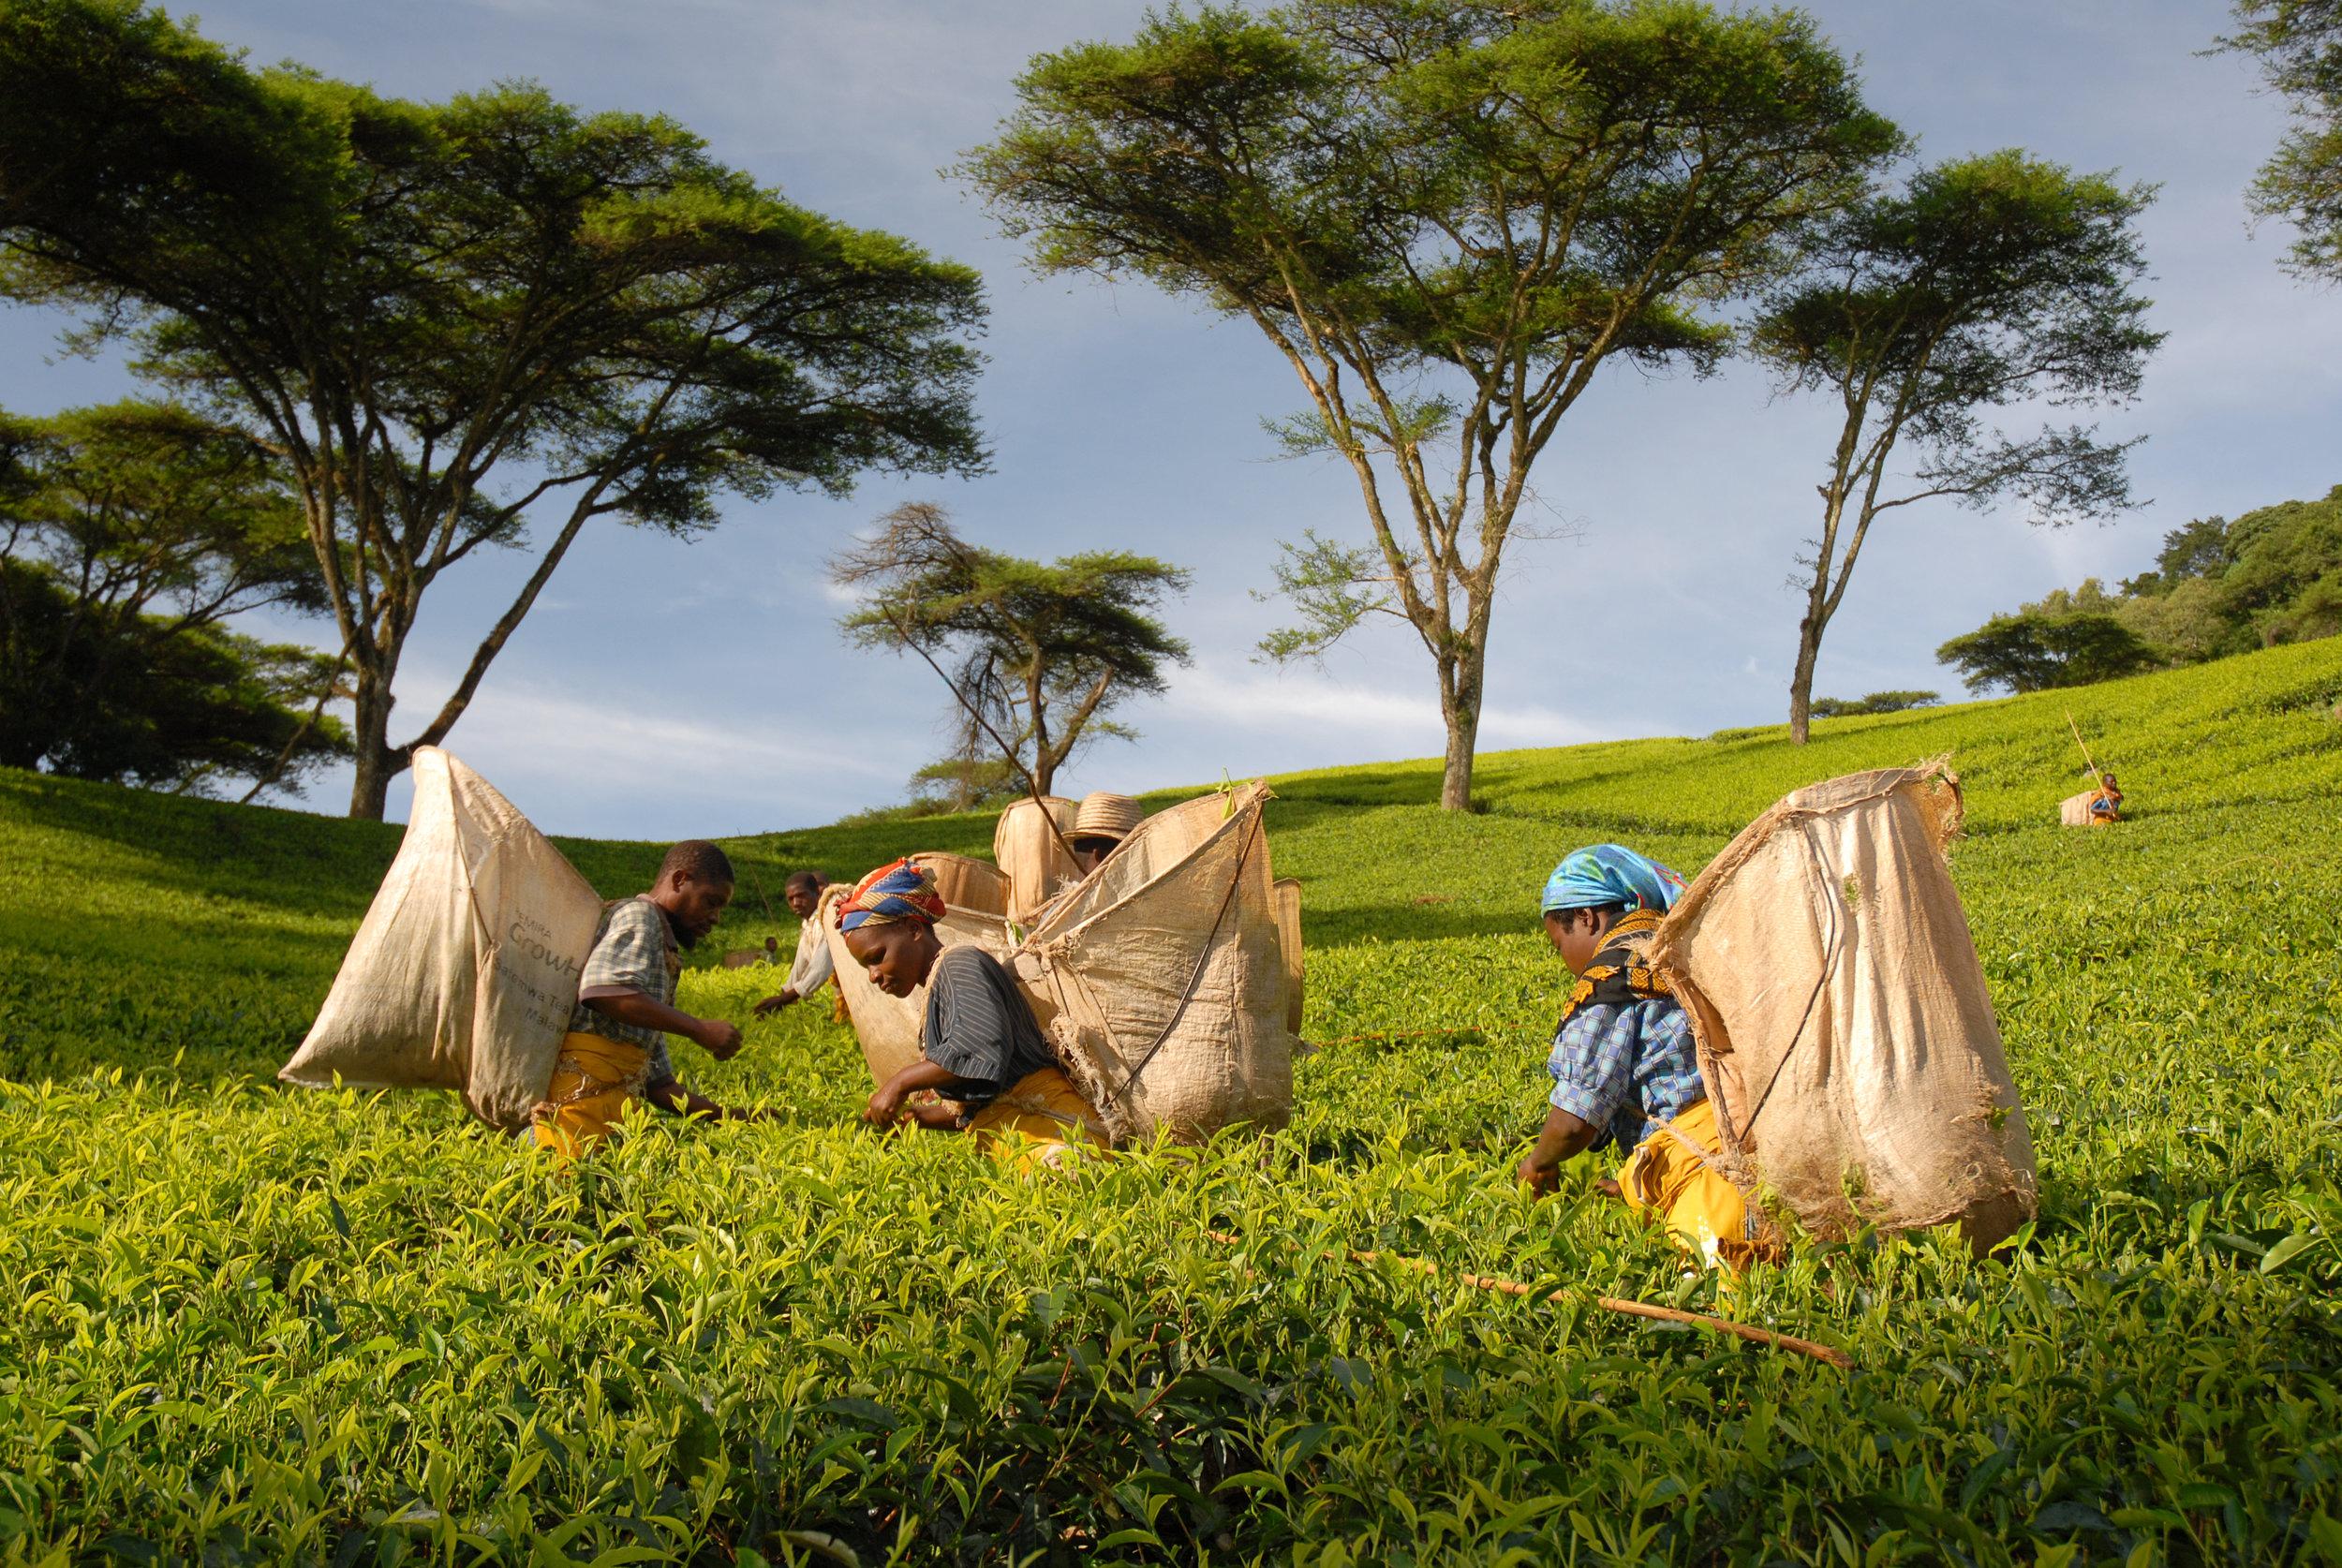 Tea Pickers in Malawi